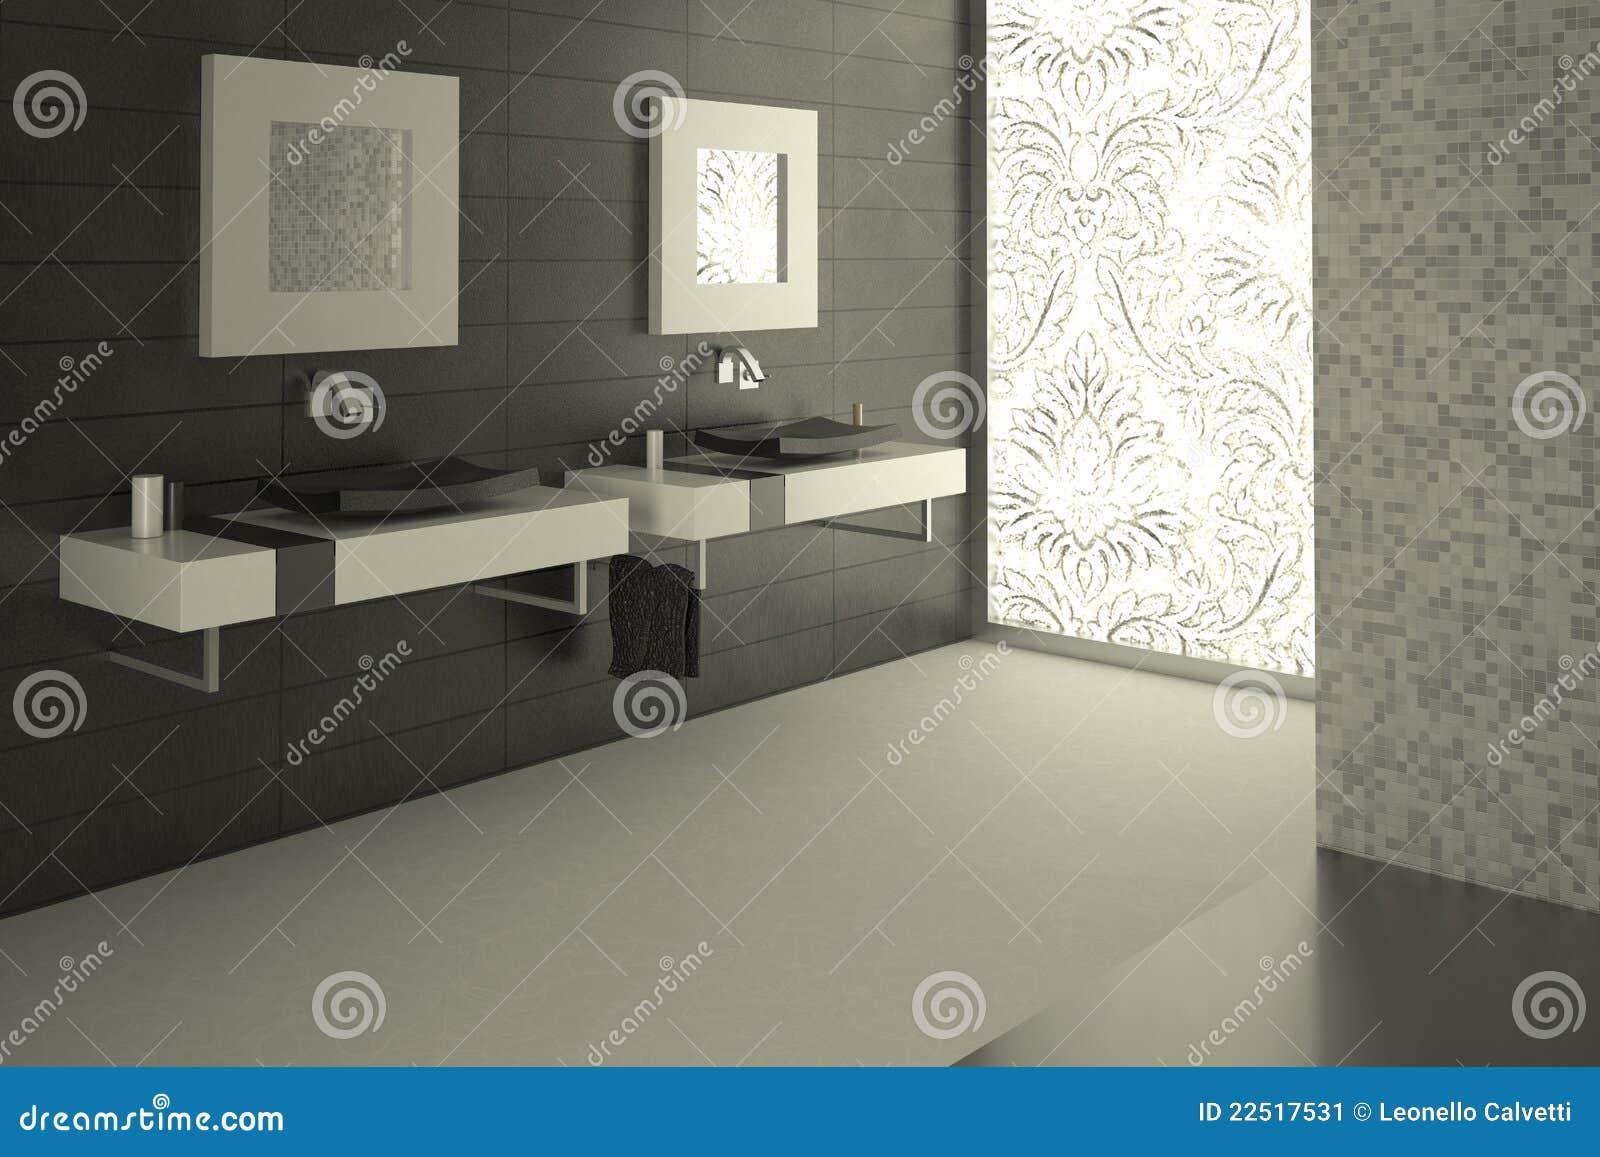 Sala Da Bagno Pianta : Vista moderna della stanza da bagno con un grande vetro decorato